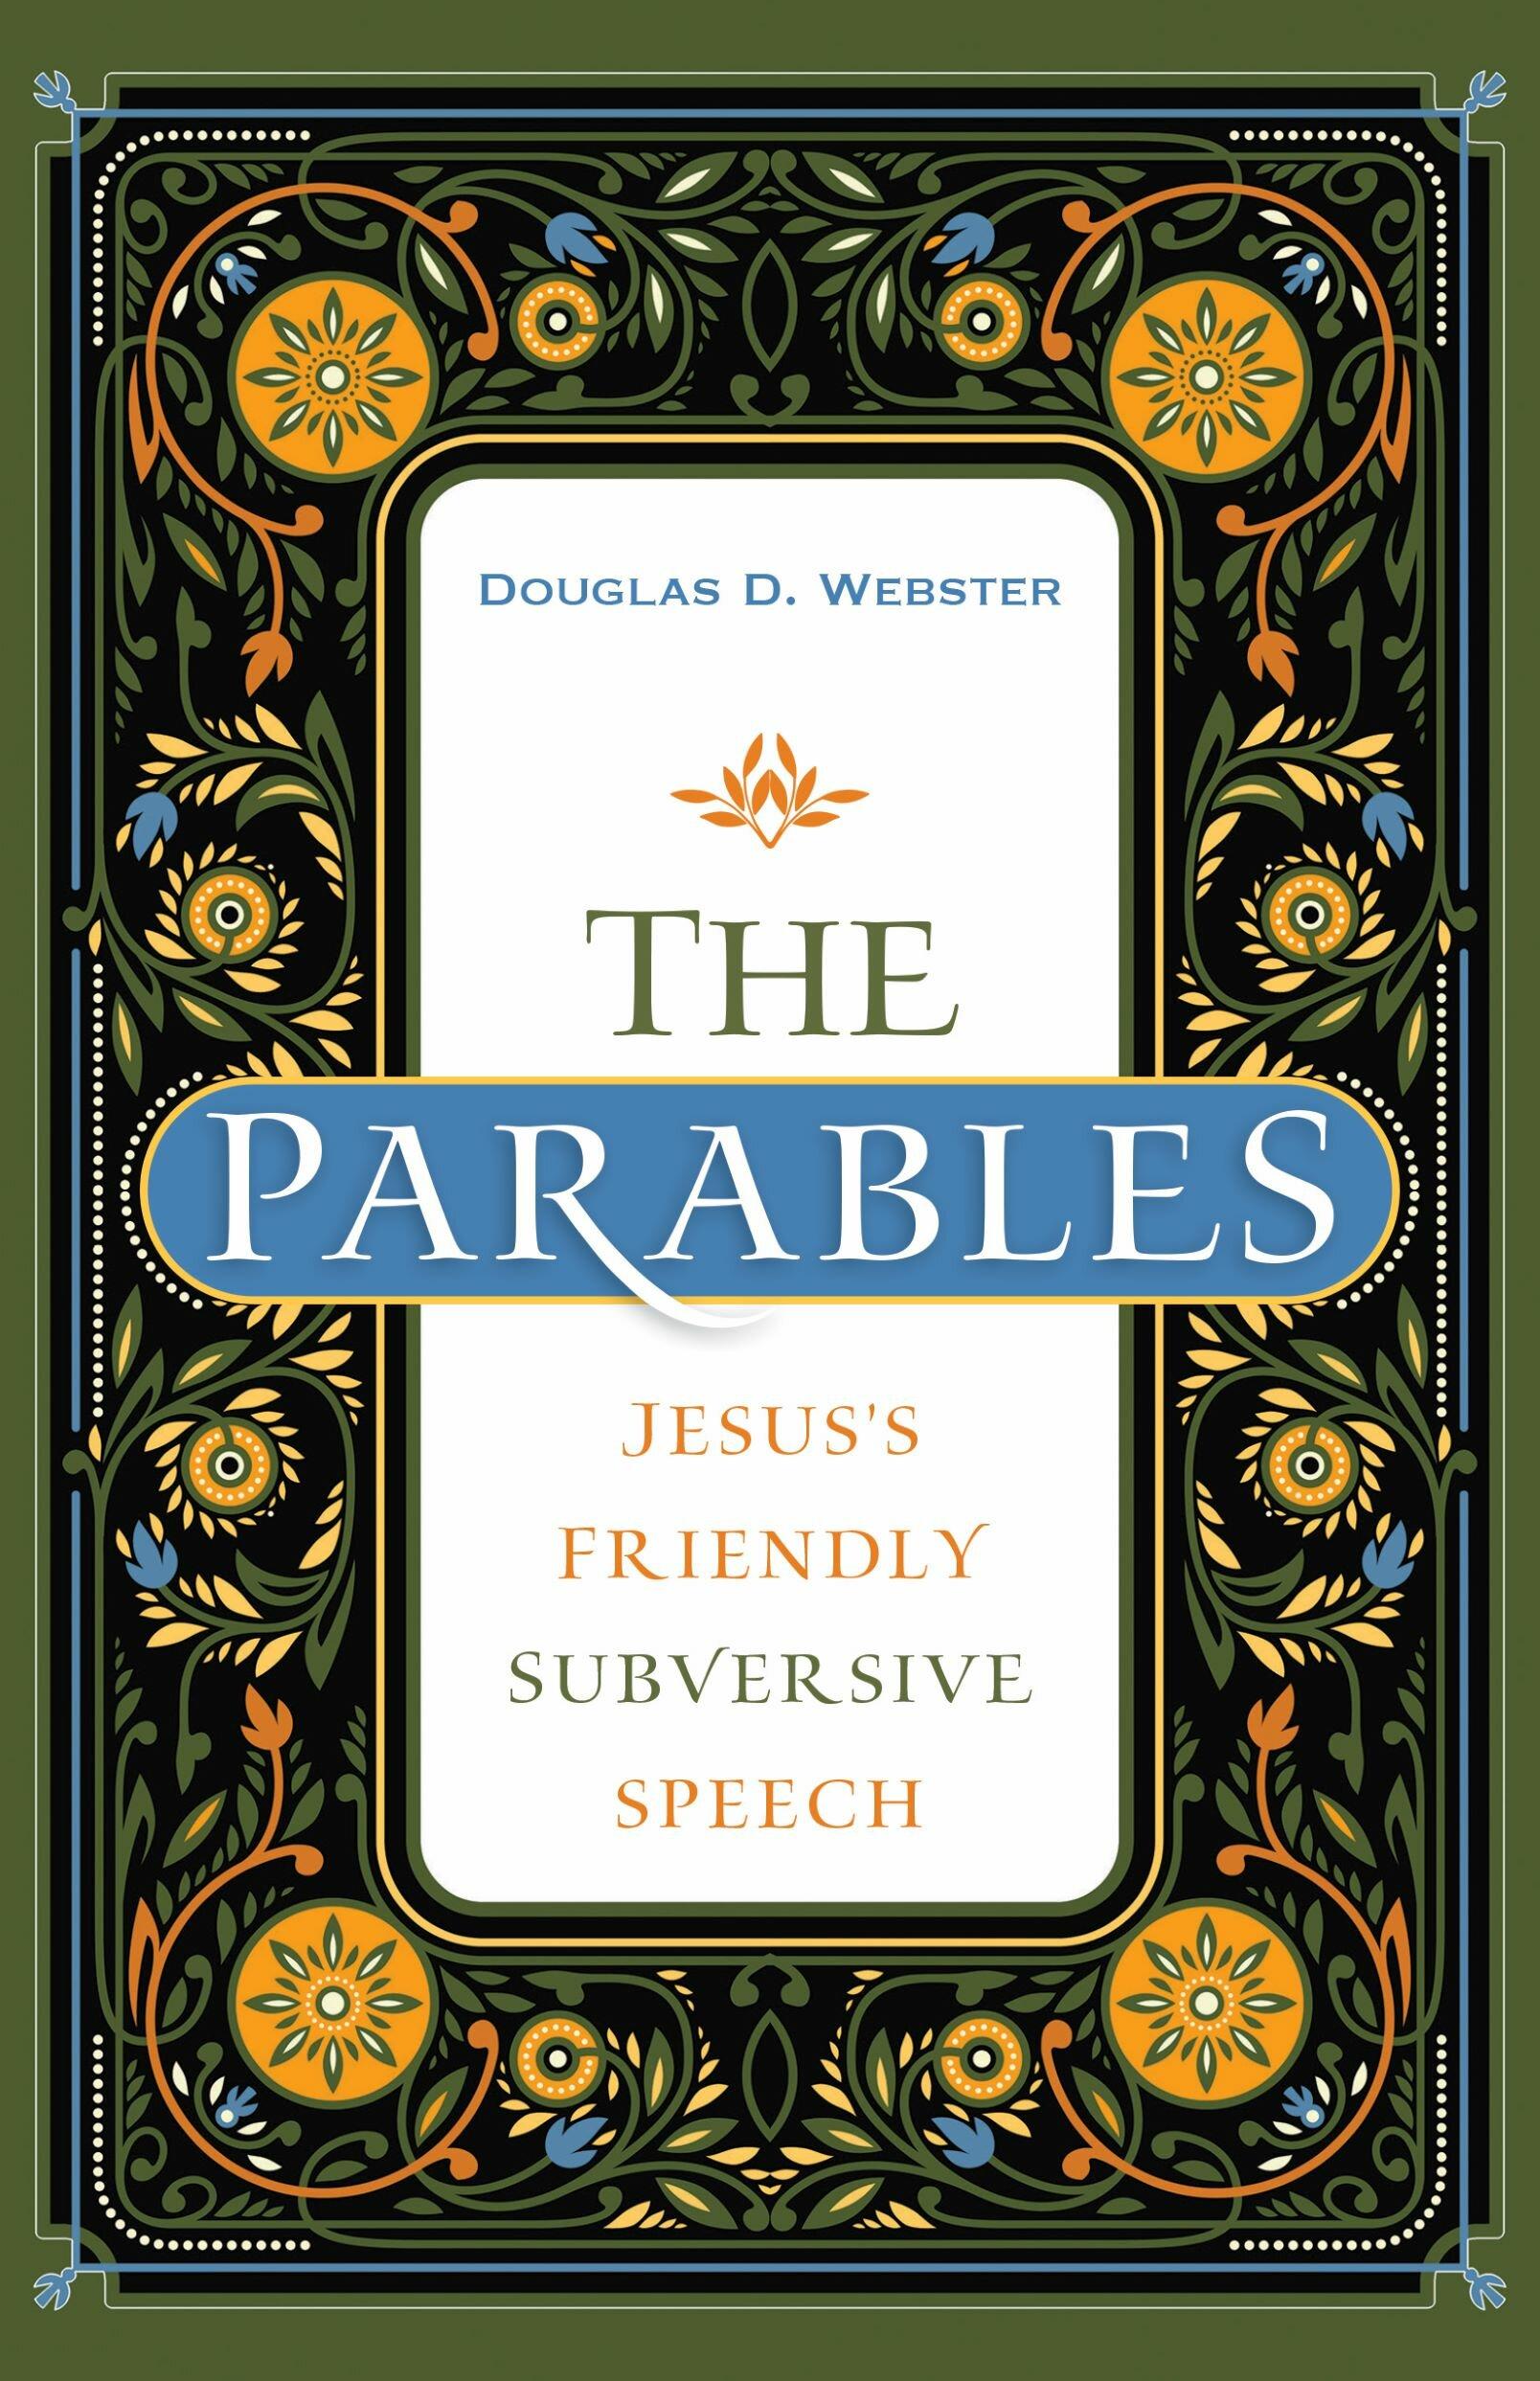 The Parables: Jesus's Friendly Subversive Speech